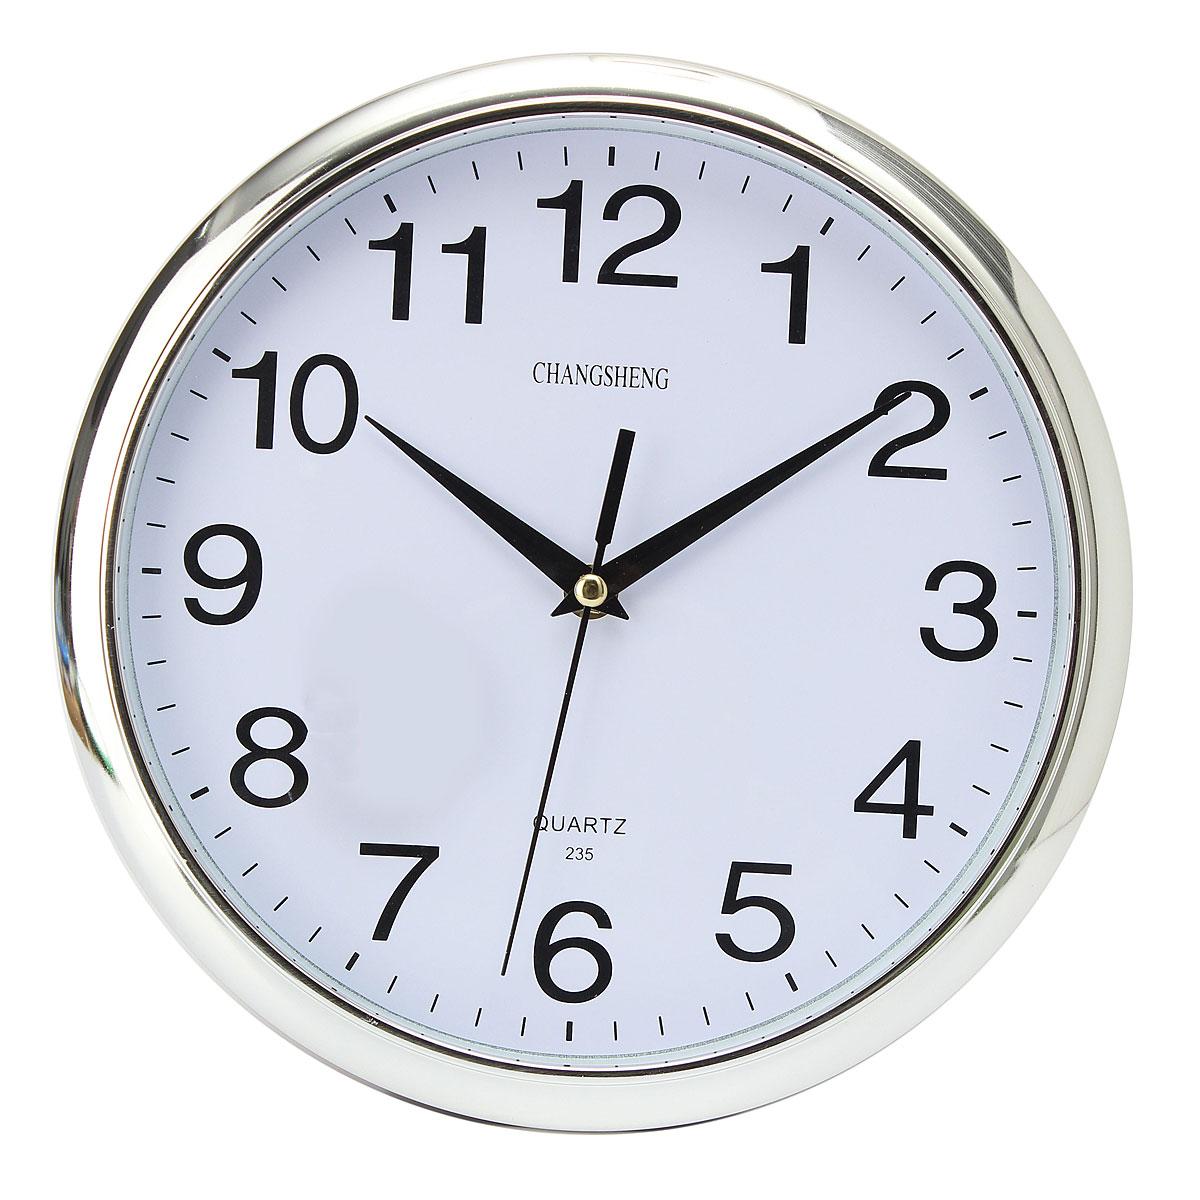 Moderna moda grande ronda reloj de pared cocina retro hogar wall clock quartz ebay - Relojes de cocina modernos ...